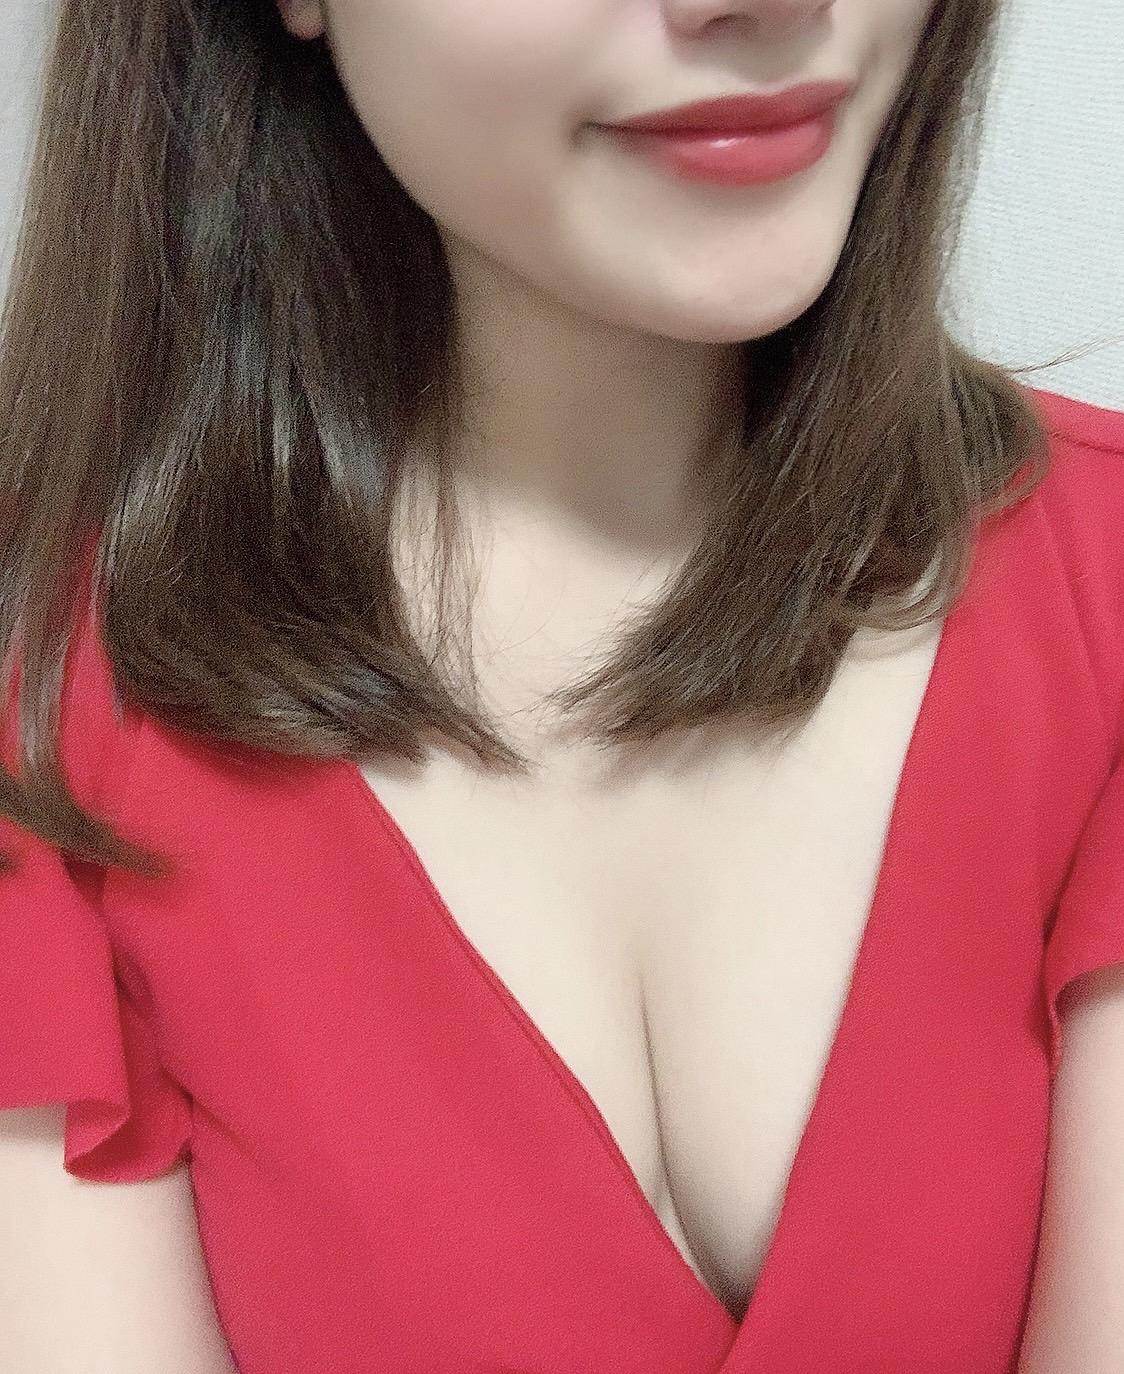 新人 さえり(紗衣梨)25歳 156cmの写真1